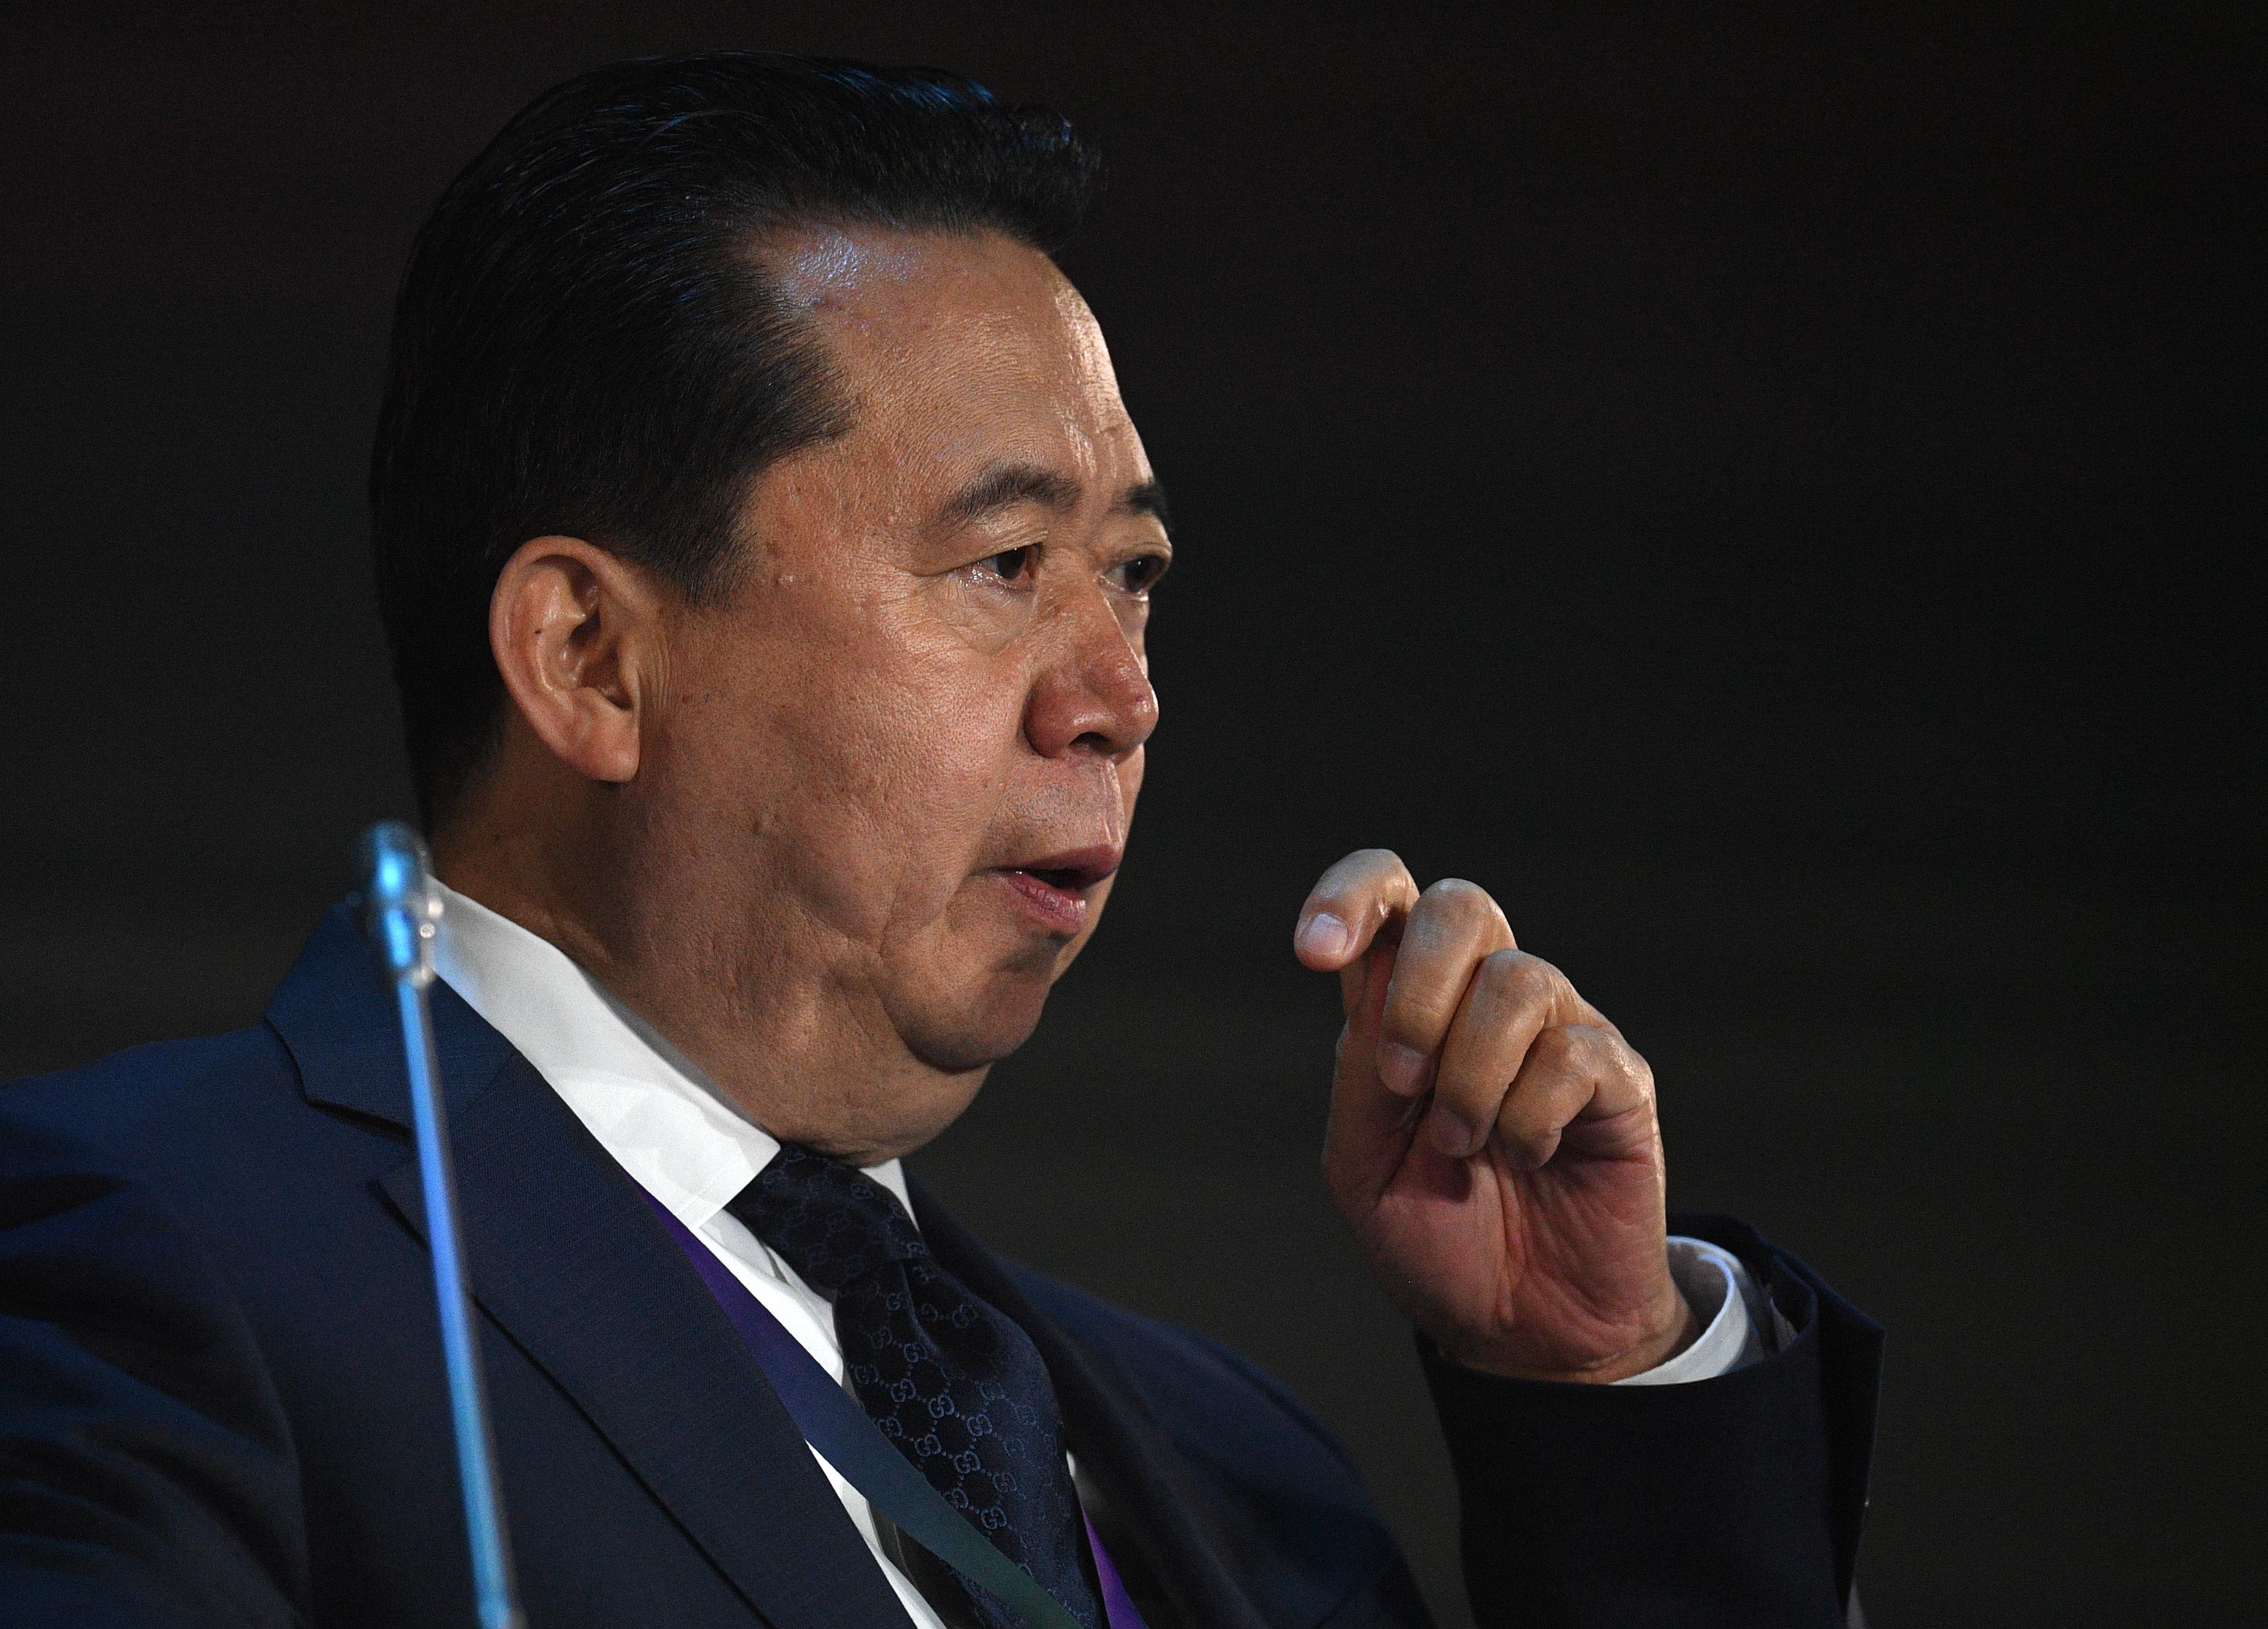 Lemondott az Interpol elnöke